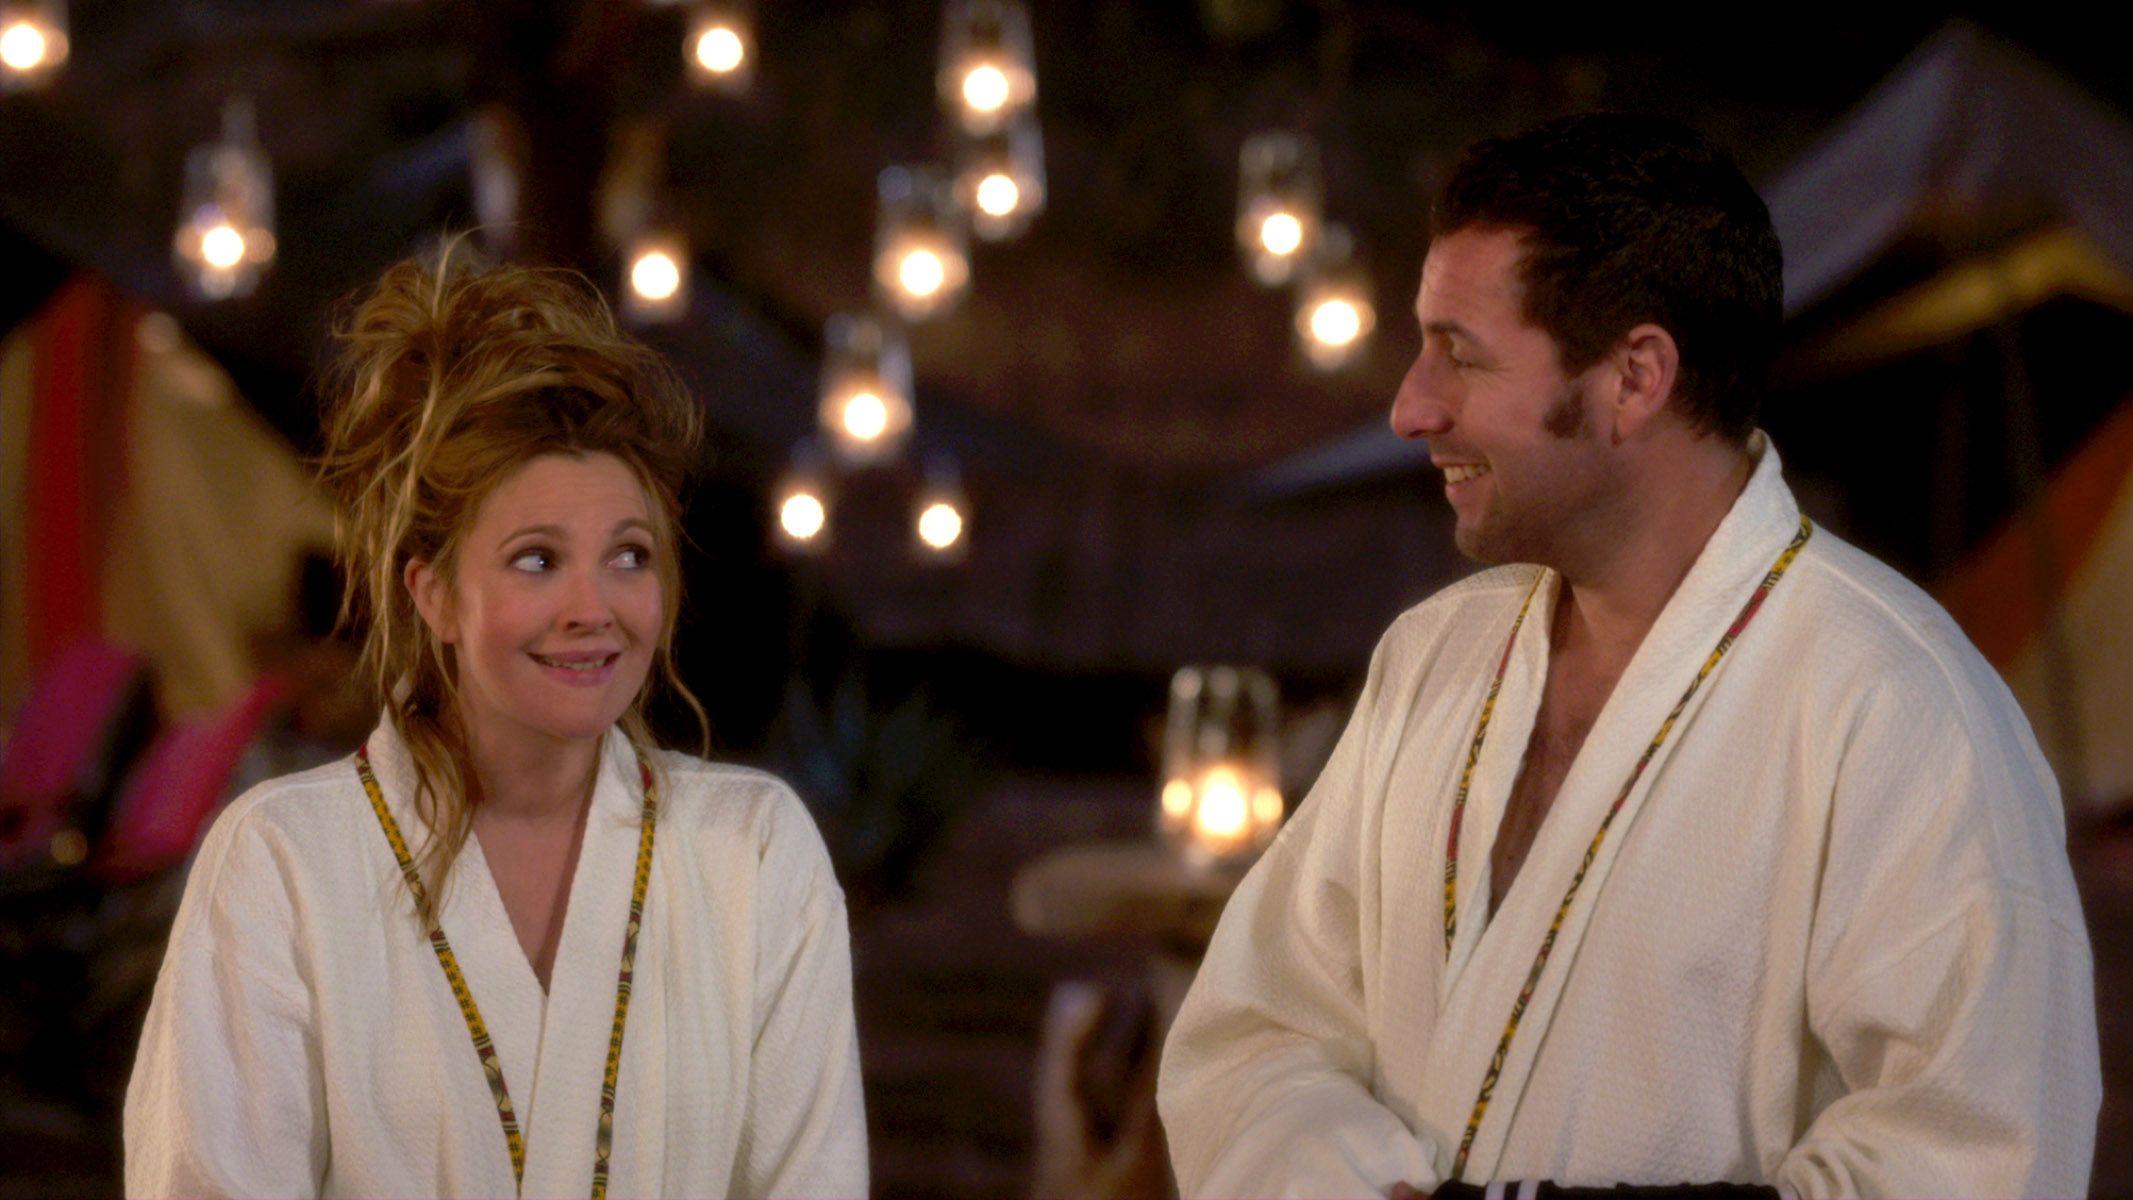 ¿Hay algo mejor que un masaje en pareja? Claro que no! Pero ¿qué pasa si no sois pareja?... Descúbrelo en #JuntosYRevueltos